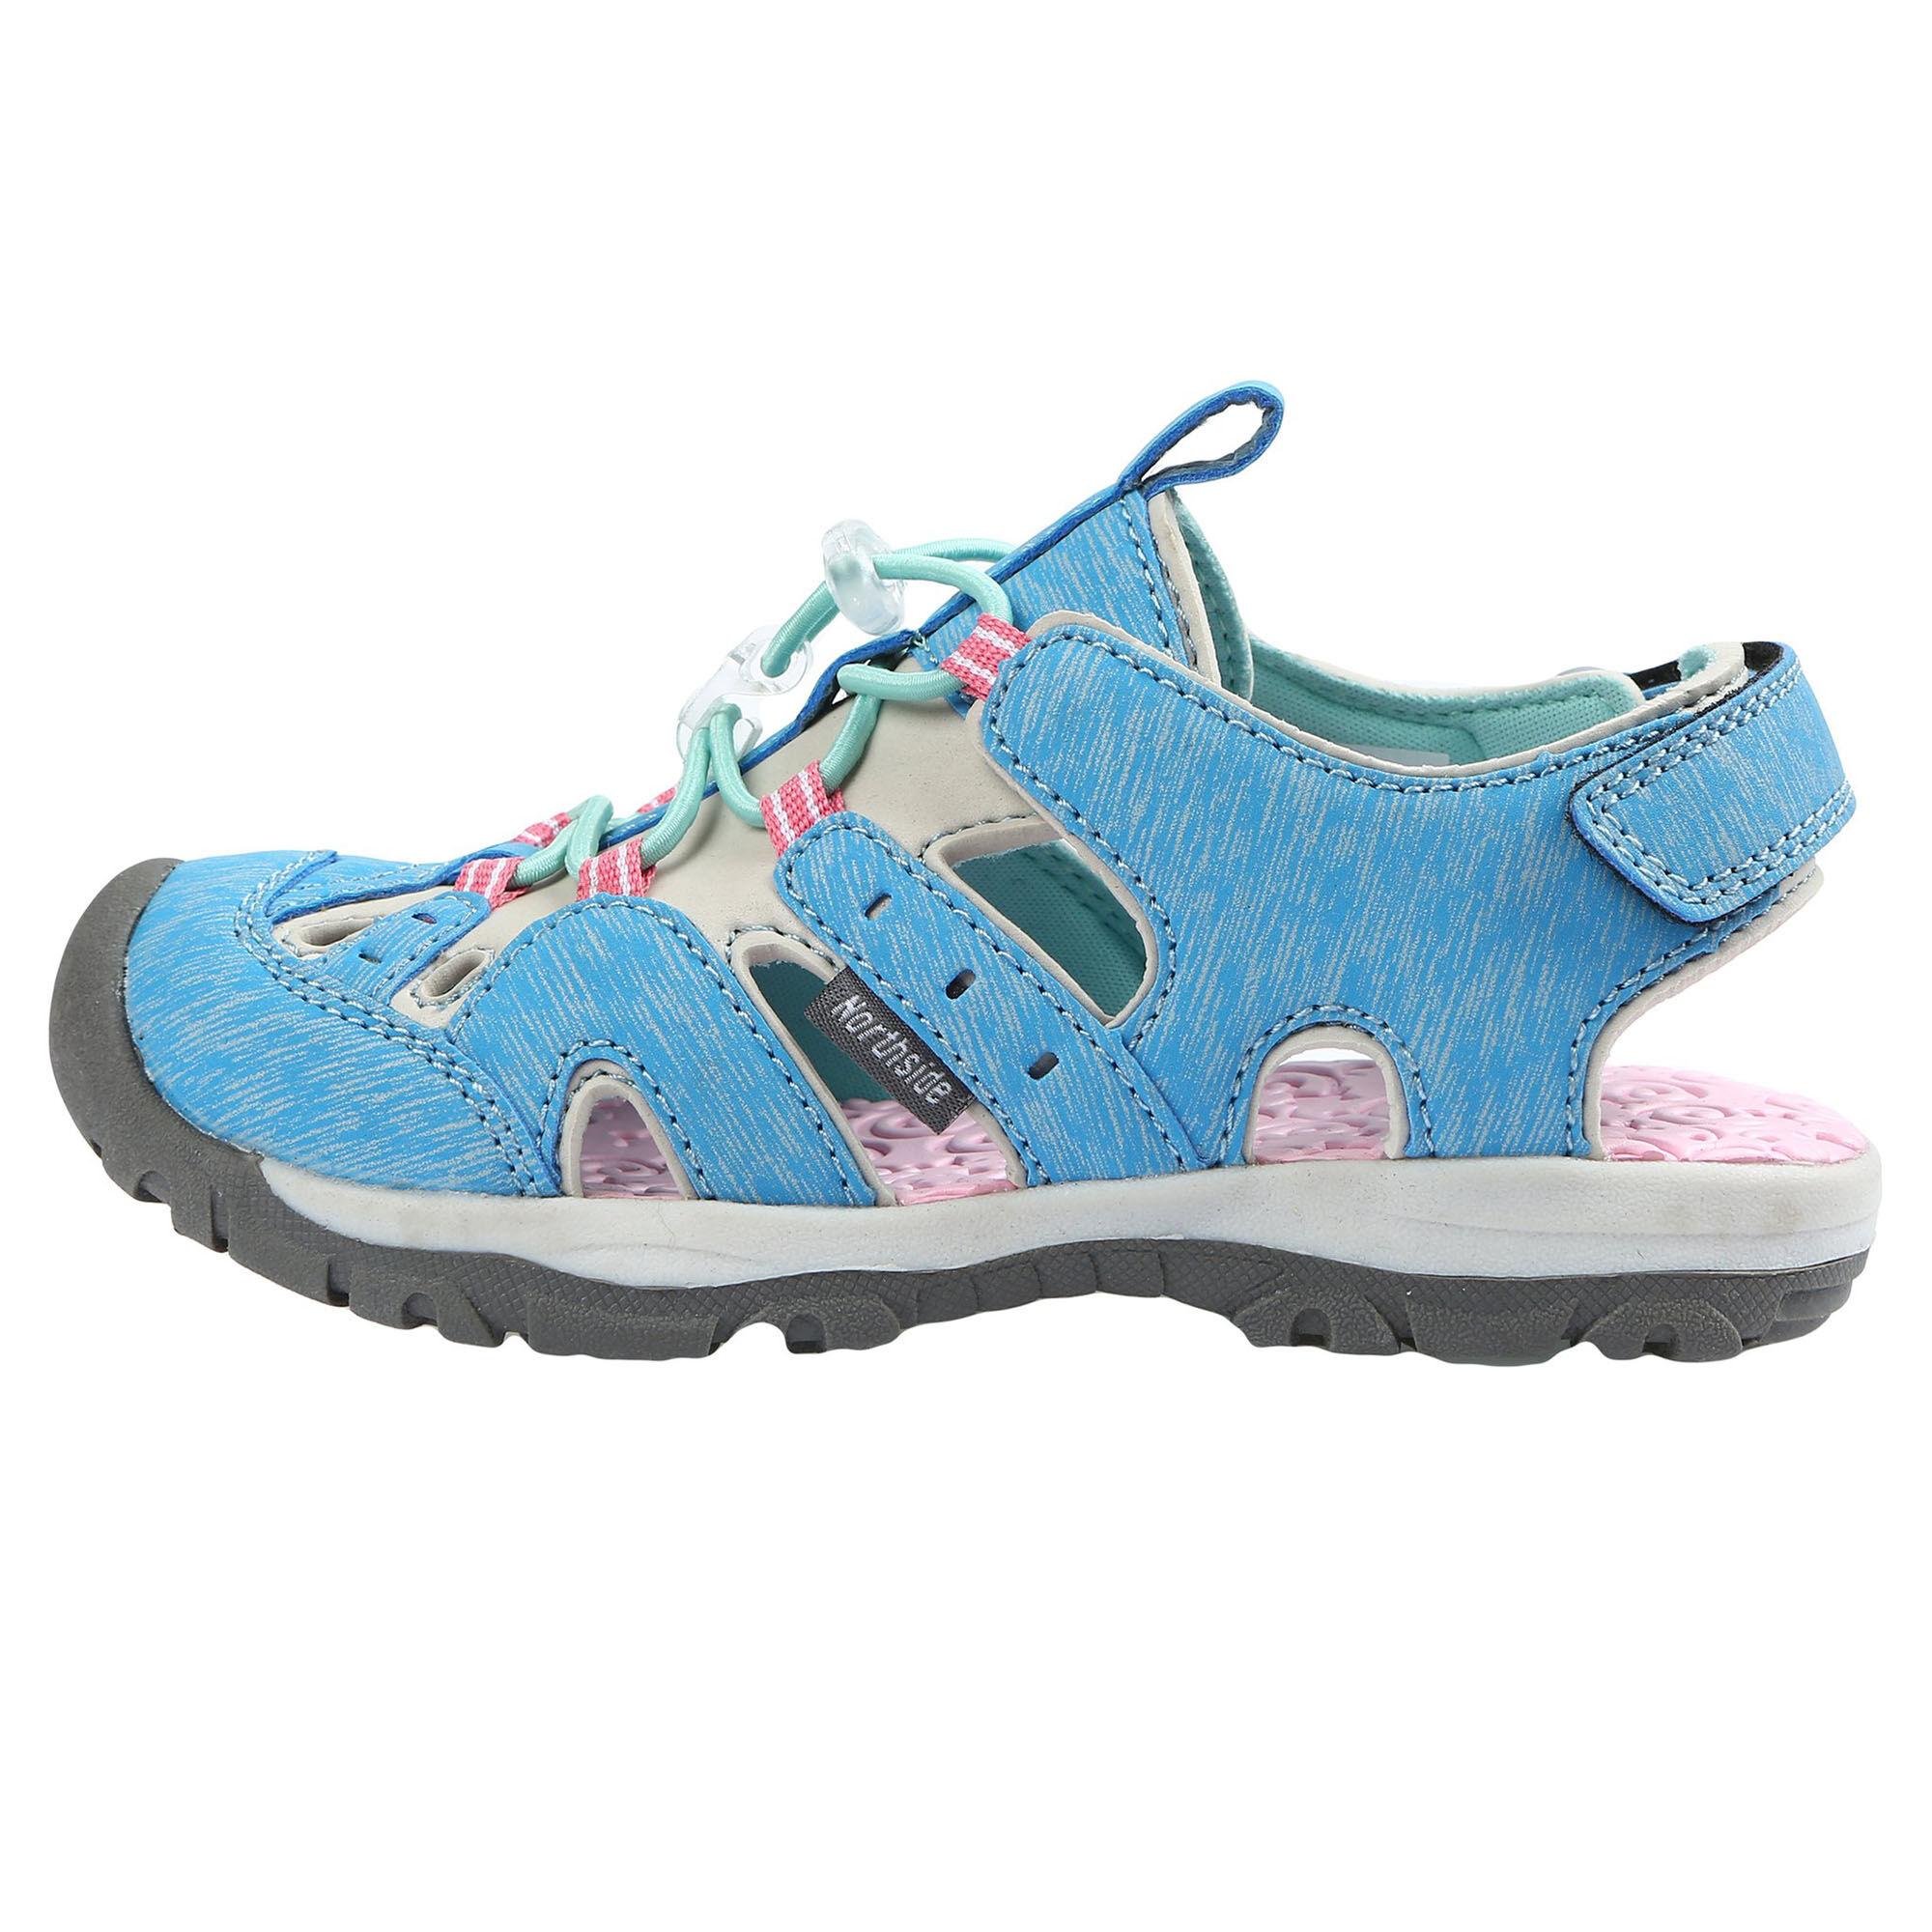 Northside Girl's Burke SE Sport Sandals  - Blue/Pink - Size: 1